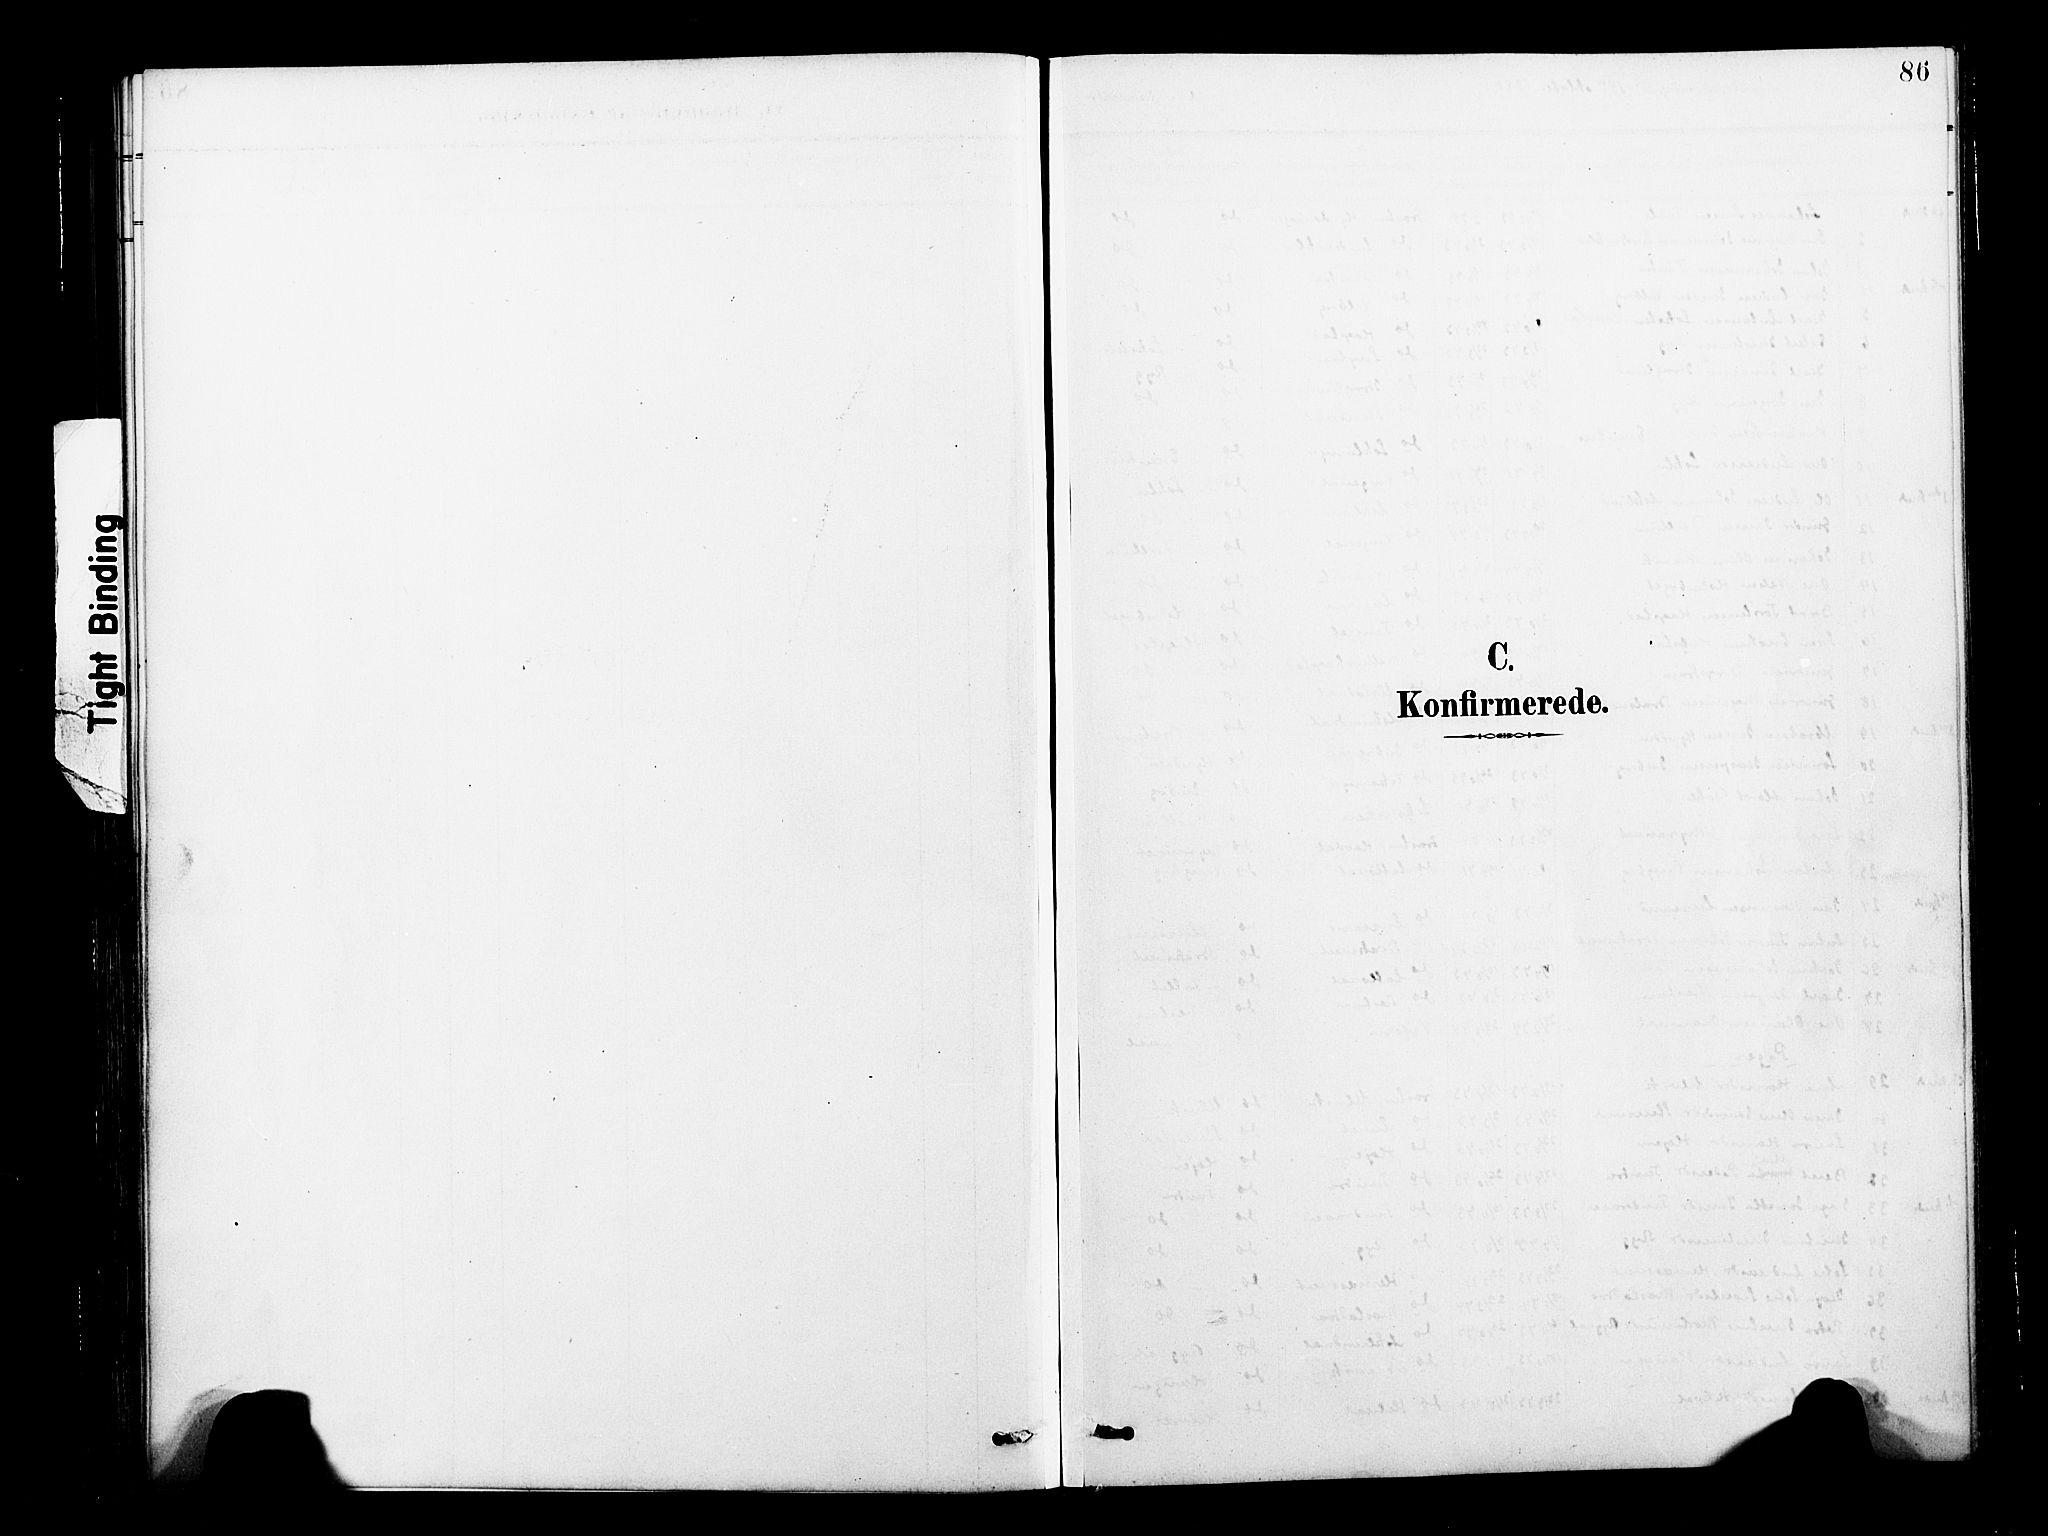 SAT, Ministerialprotokoller, klokkerbøker og fødselsregistre - Nord-Trøndelag, 713/L0121: Ministerialbok nr. 713A10, 1888-1898, s. 86